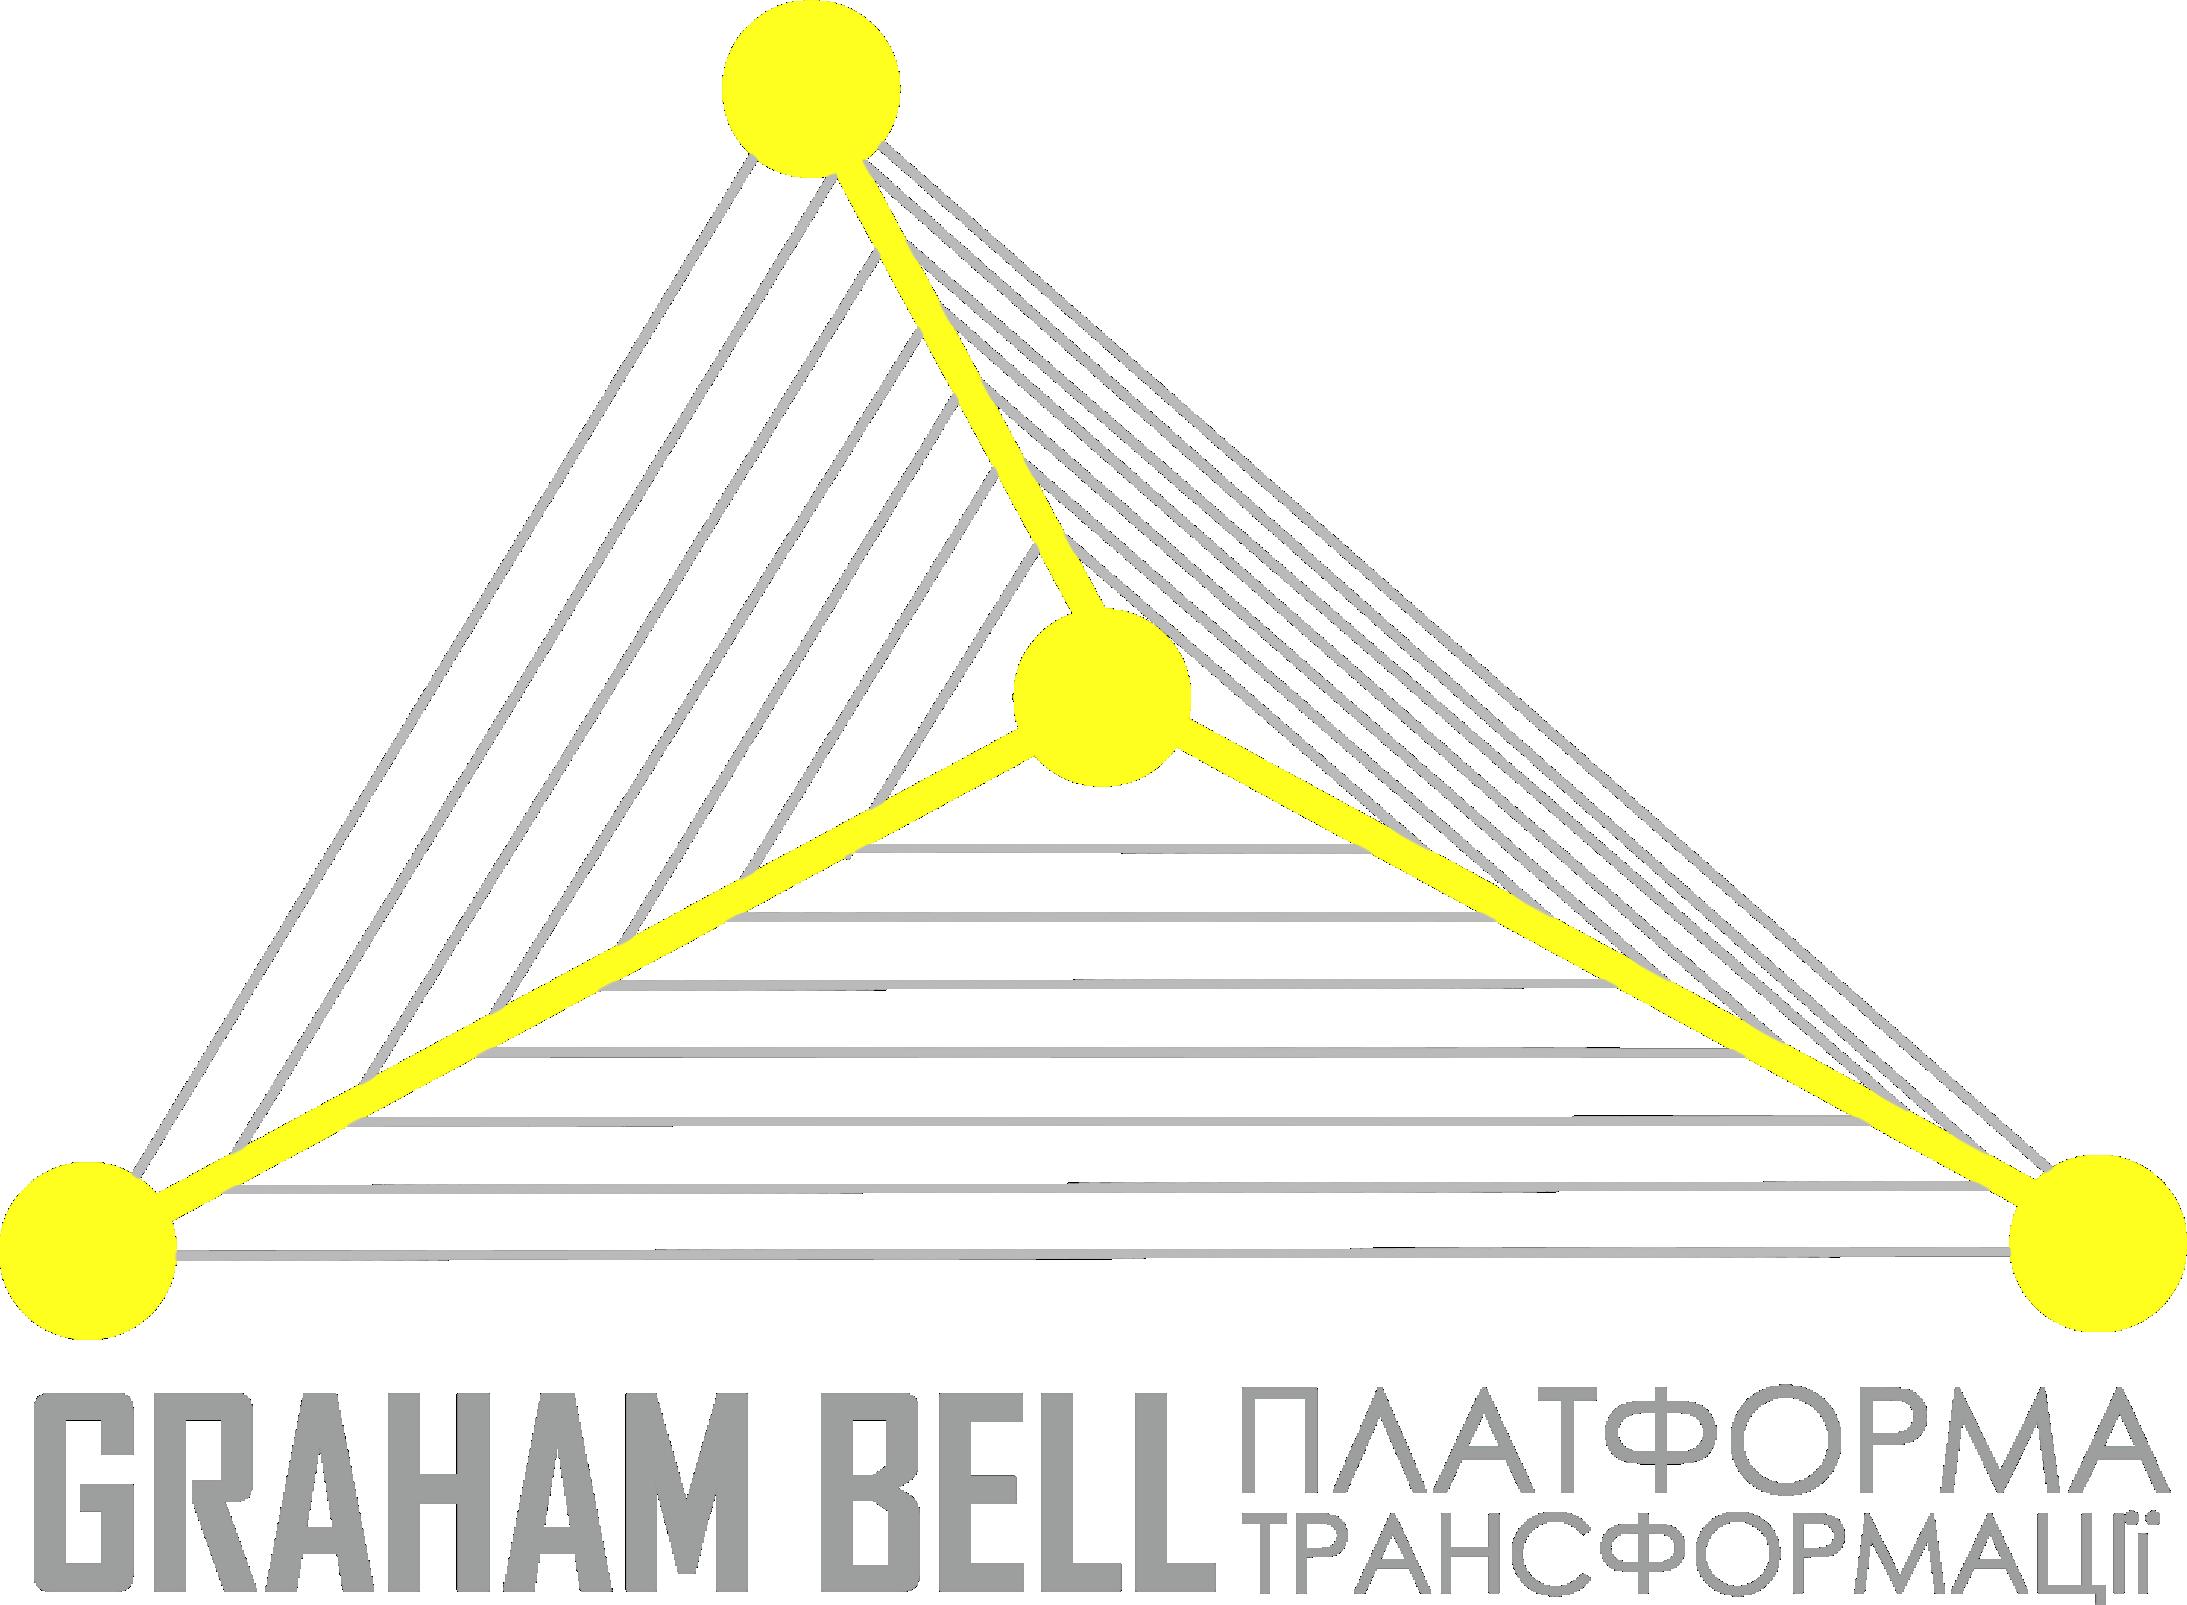 Платформа трансформацій GrahamBell